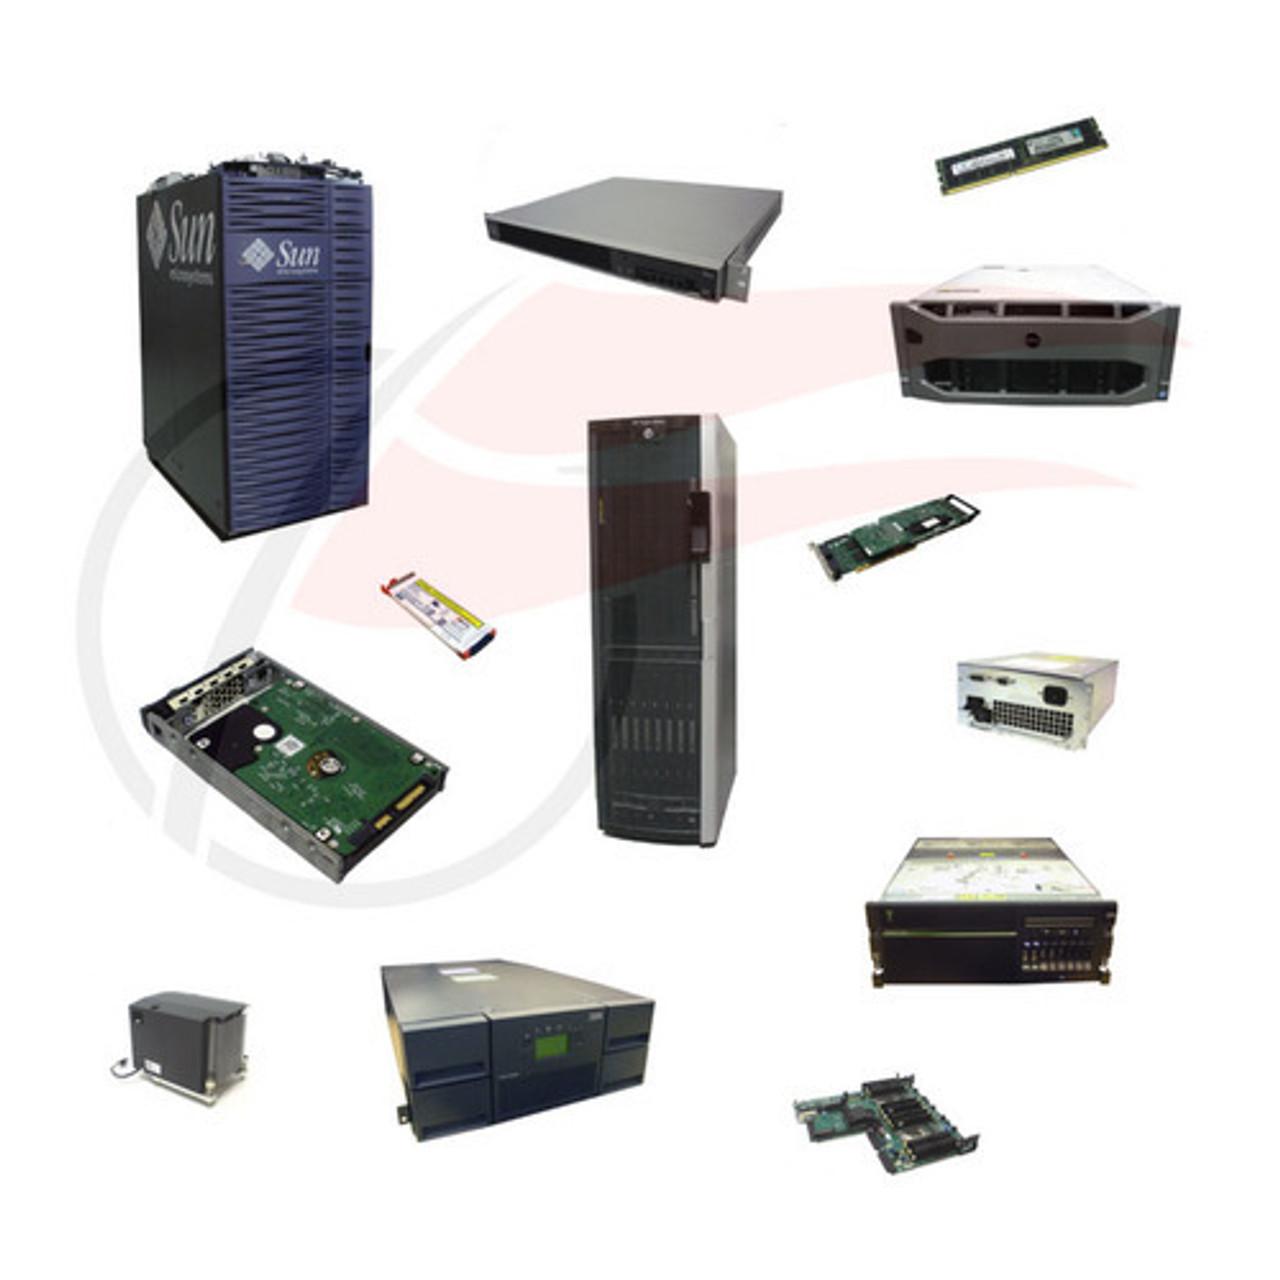 IBM RS/6000